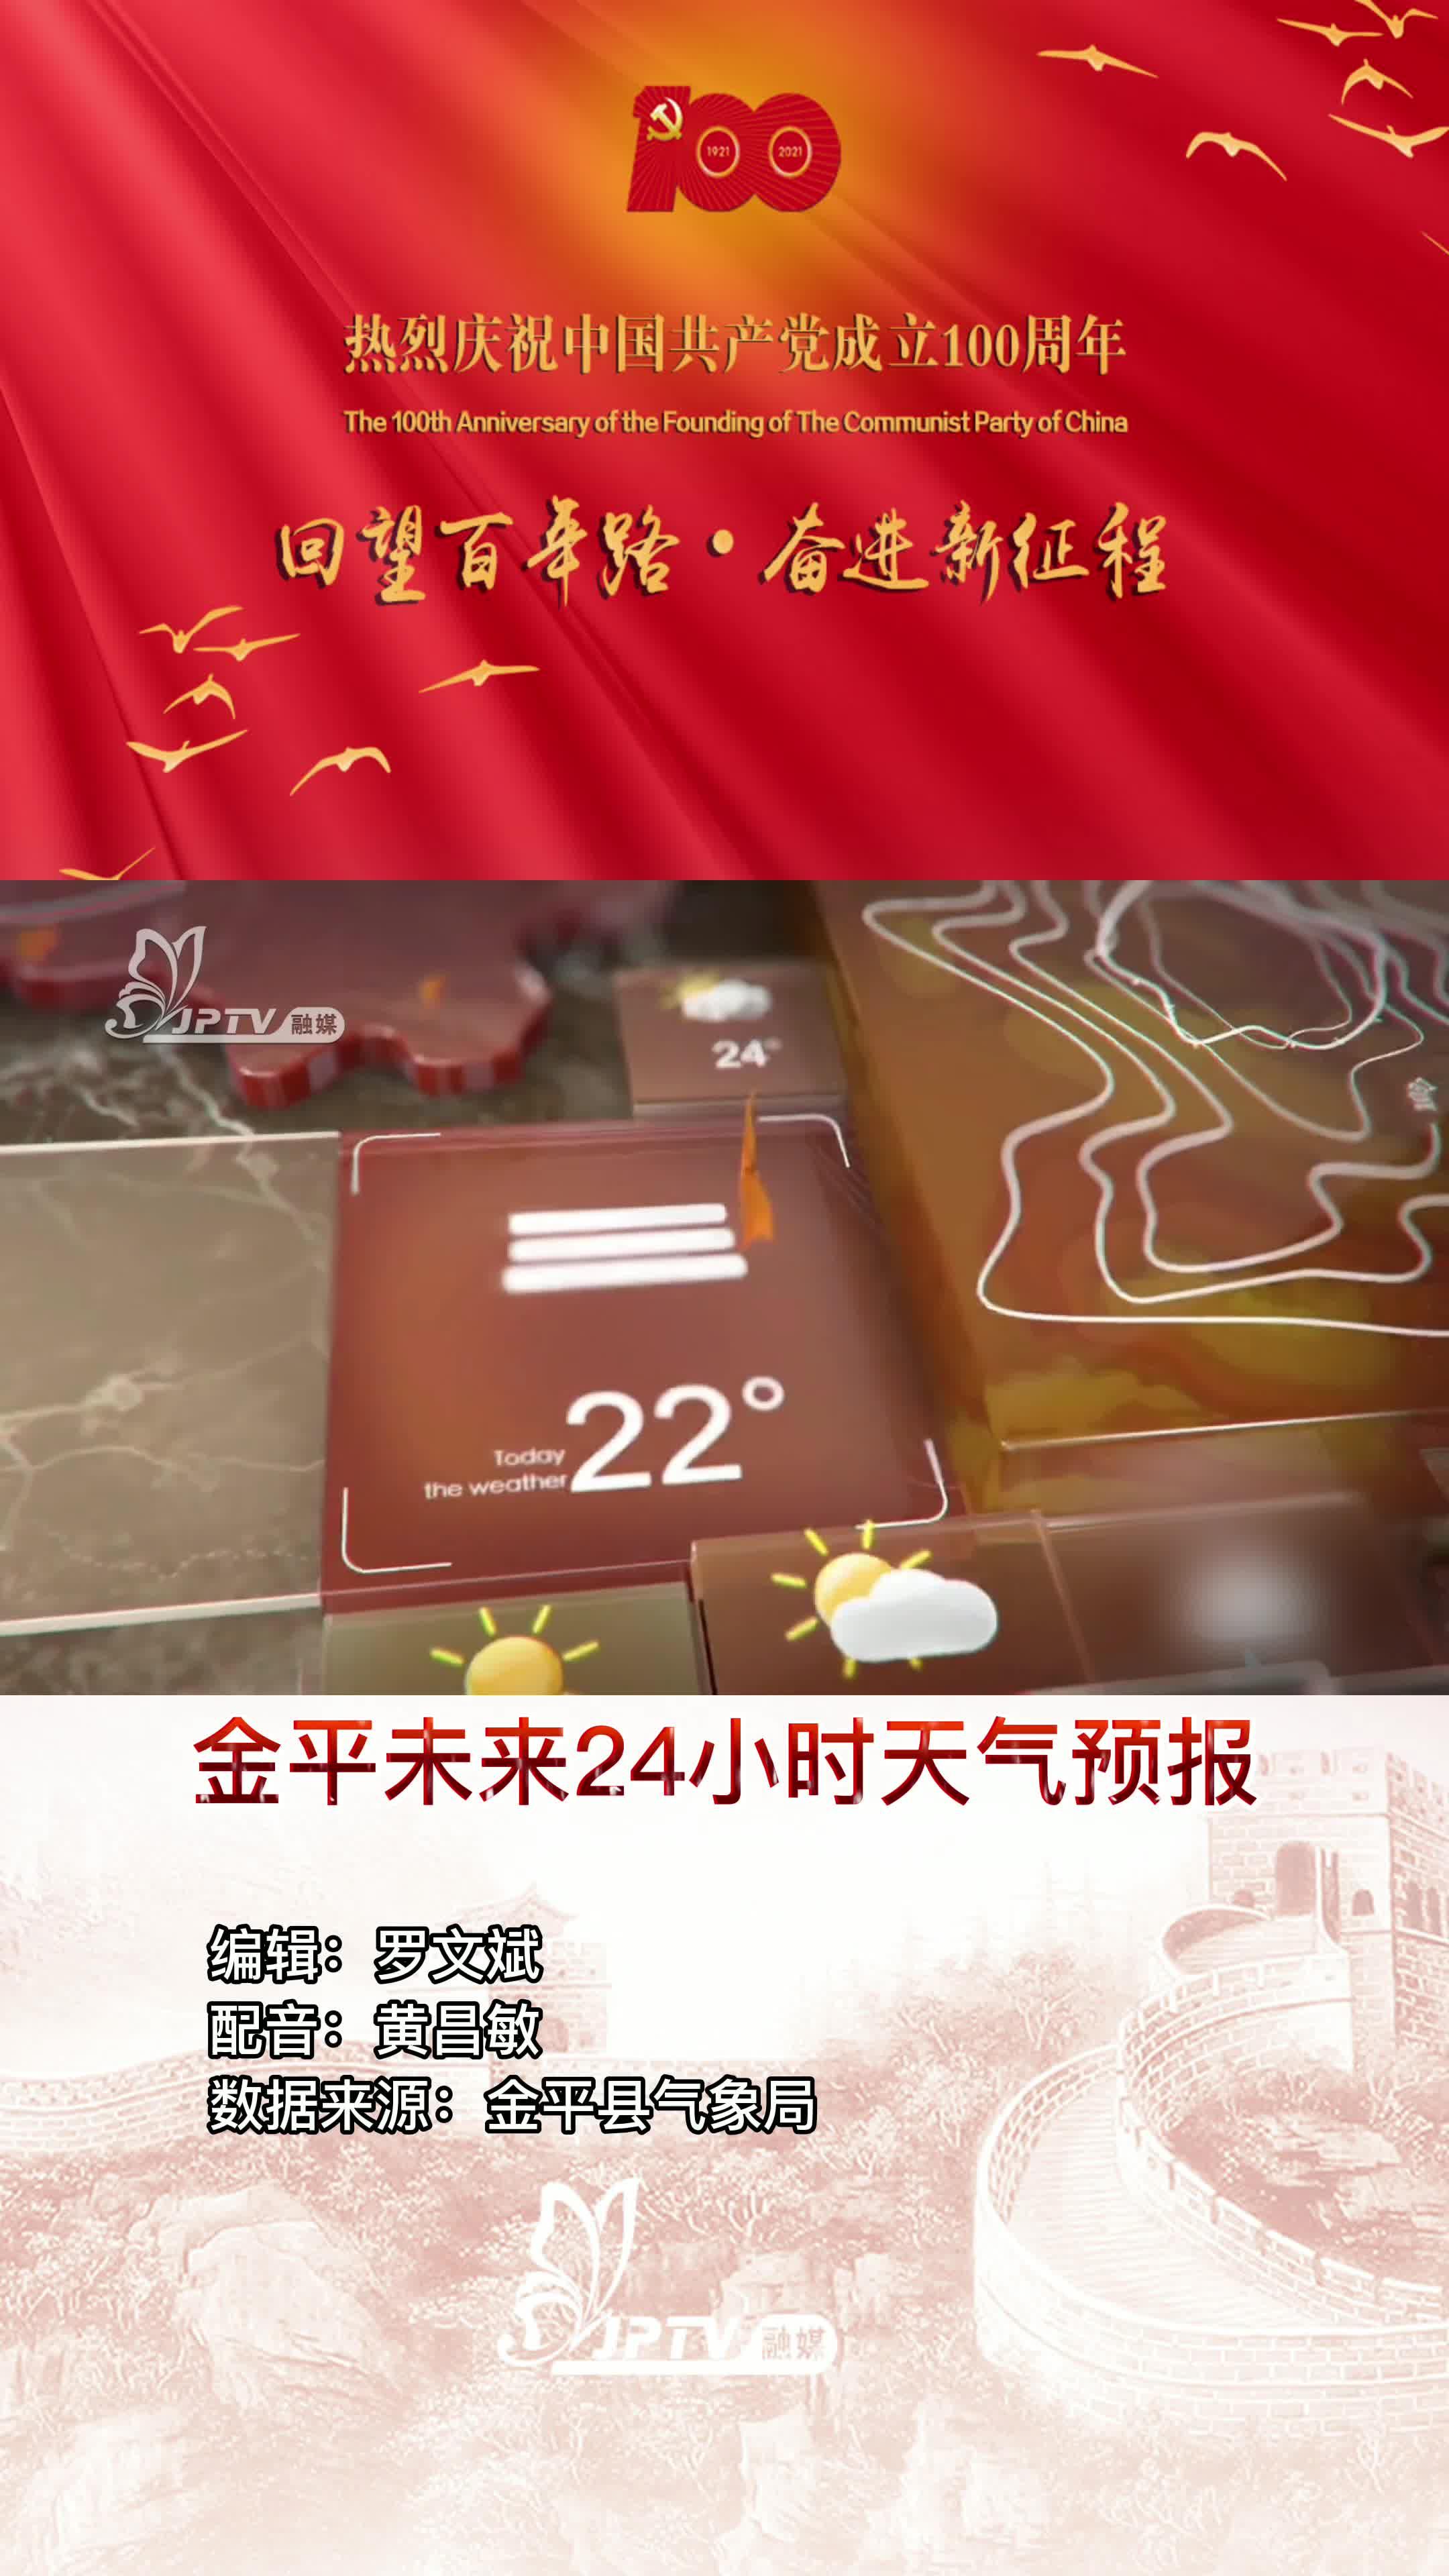 【金平天气】未来24小时我县多云有阵雨